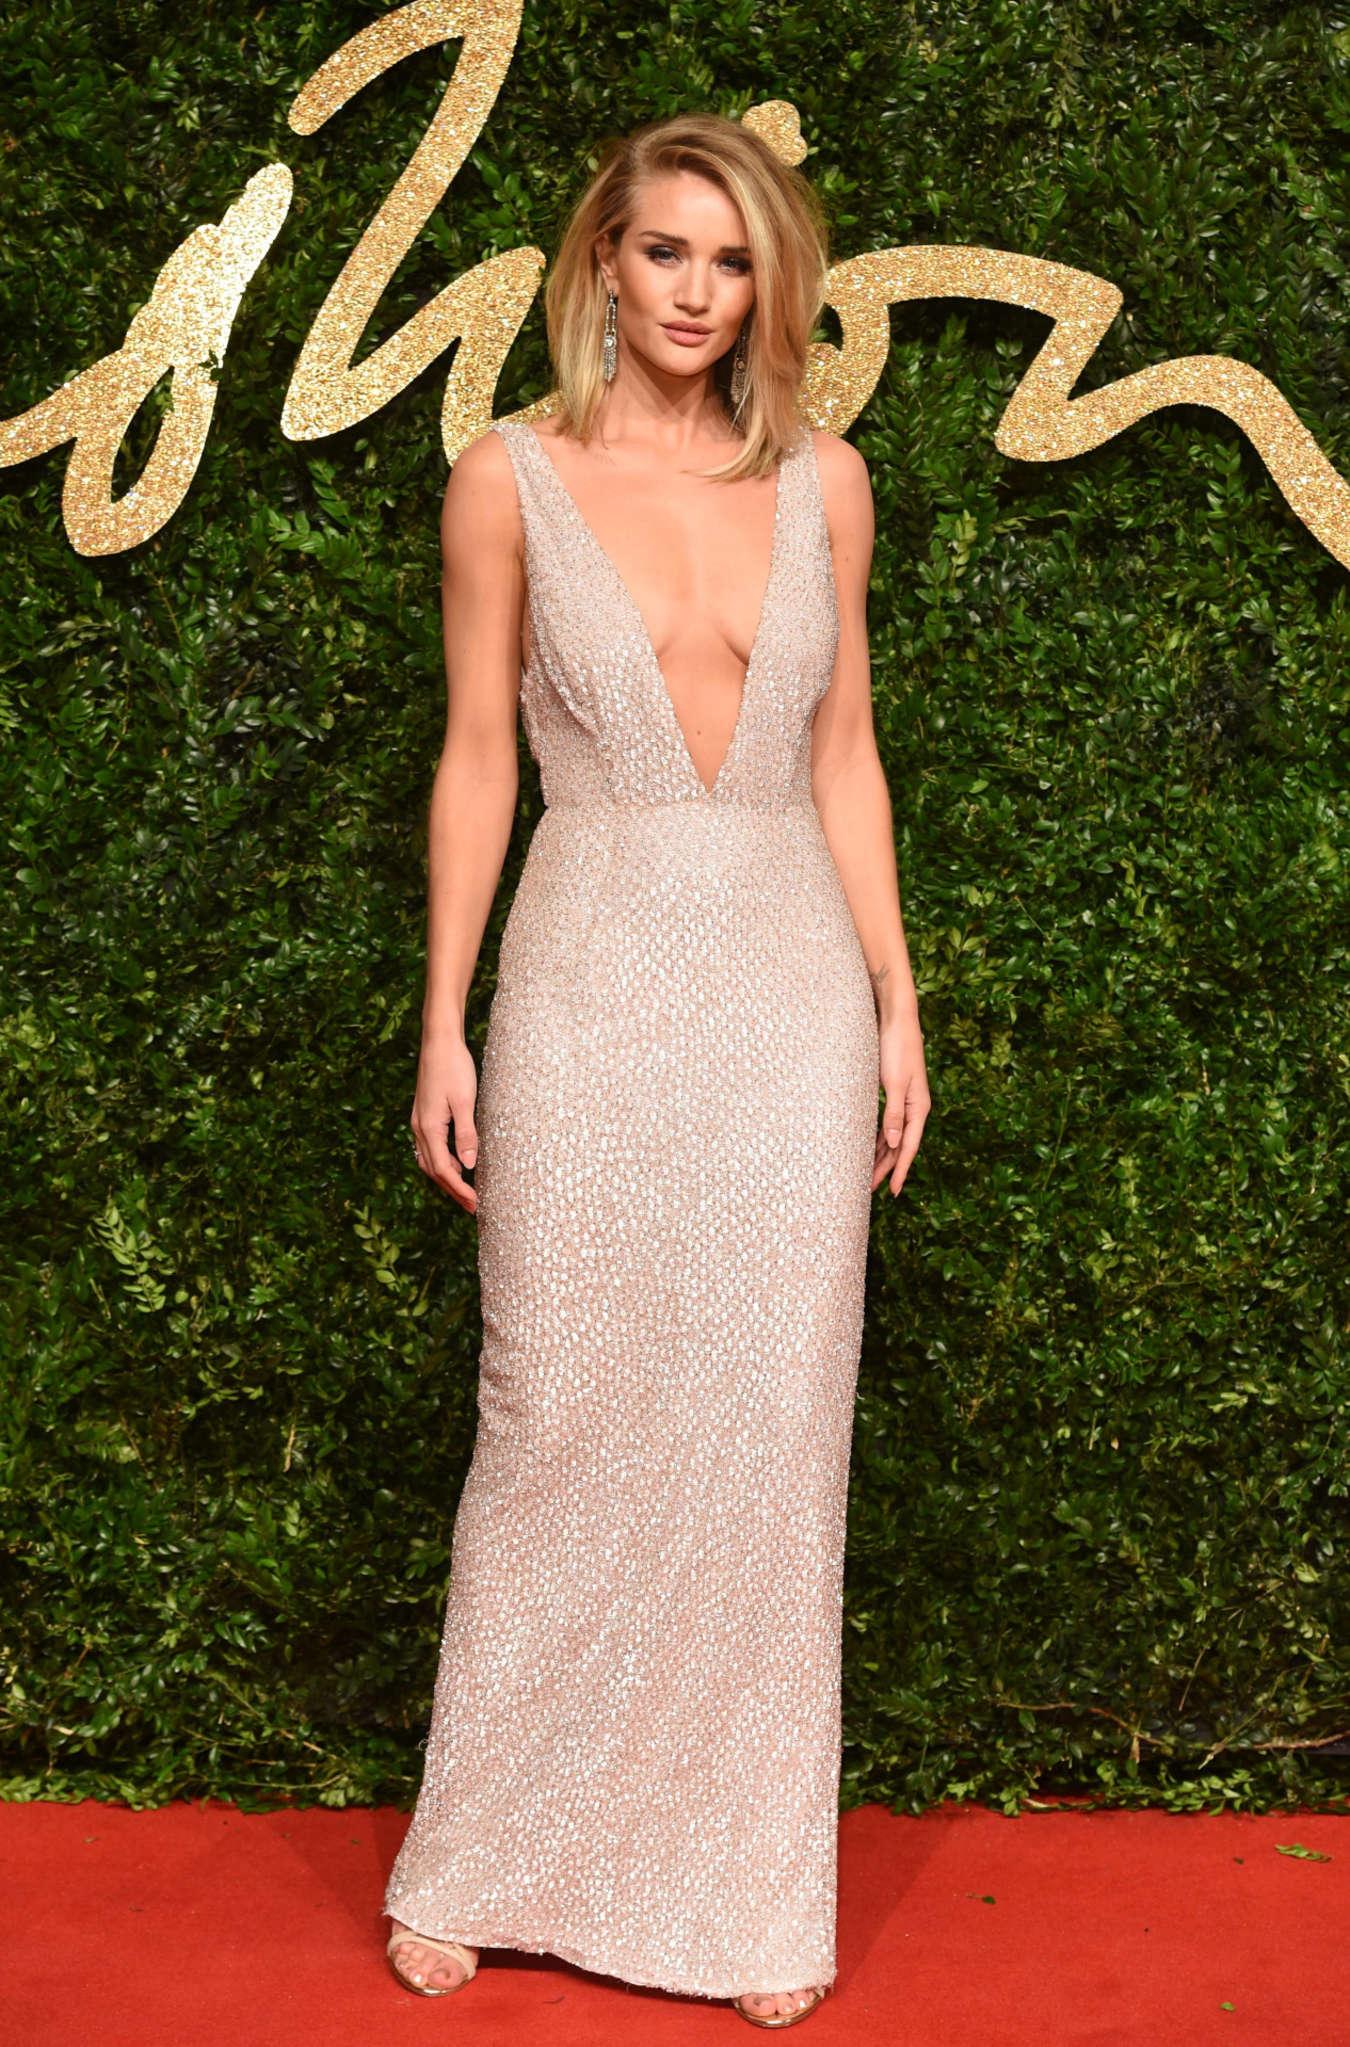 ¿Qué Hay De Mí? Capítulo 180 Rosie-Huntington-Whiteley:-British-Fashion-Awards-2015--03